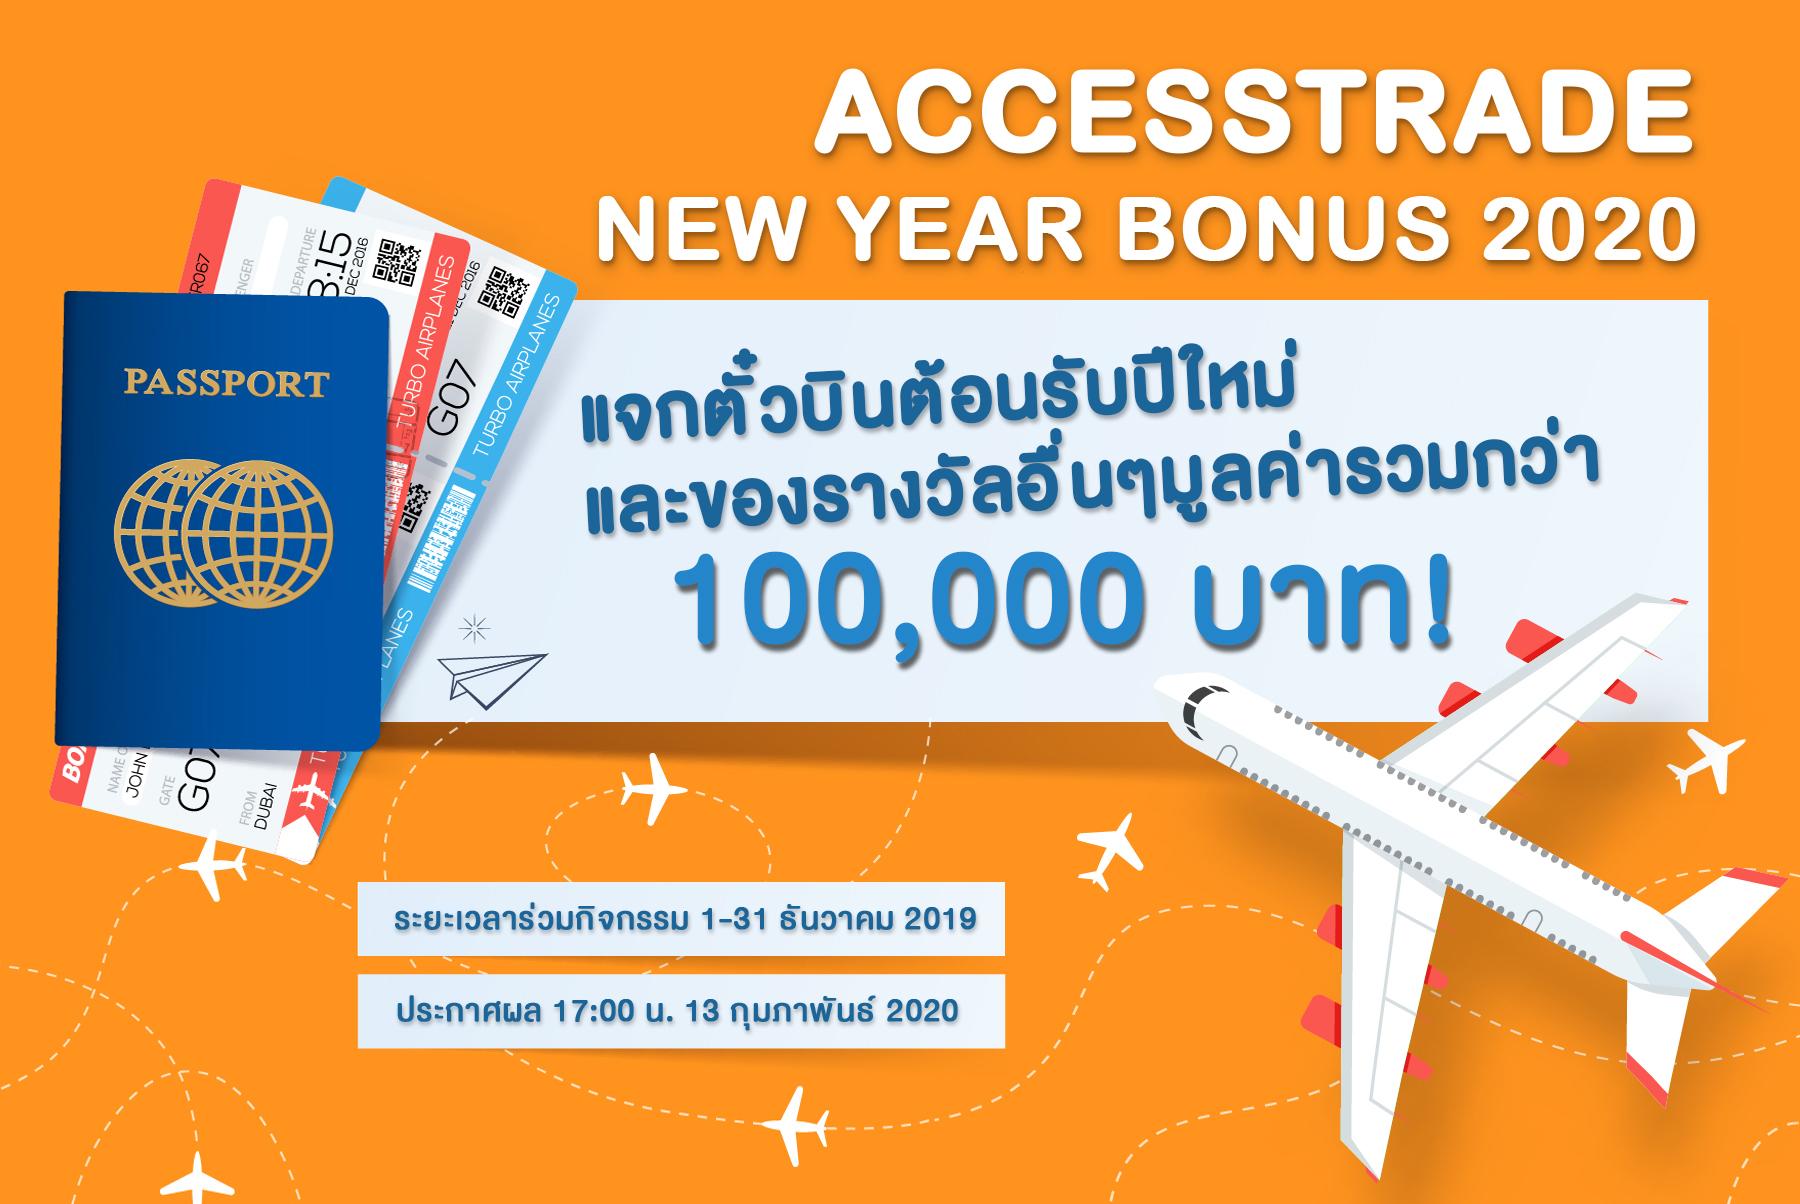 ห้ามพลาดกับกิจกรรมส่งท้ายปลายปีจากทาง ACCESSTRADE ประเทศไทยกับ NEW Year Bonus 2020 แจกตั๋วเครื่องบิน + ของรางวัลมูลค่ารวมกว่า 1 แสนบาท